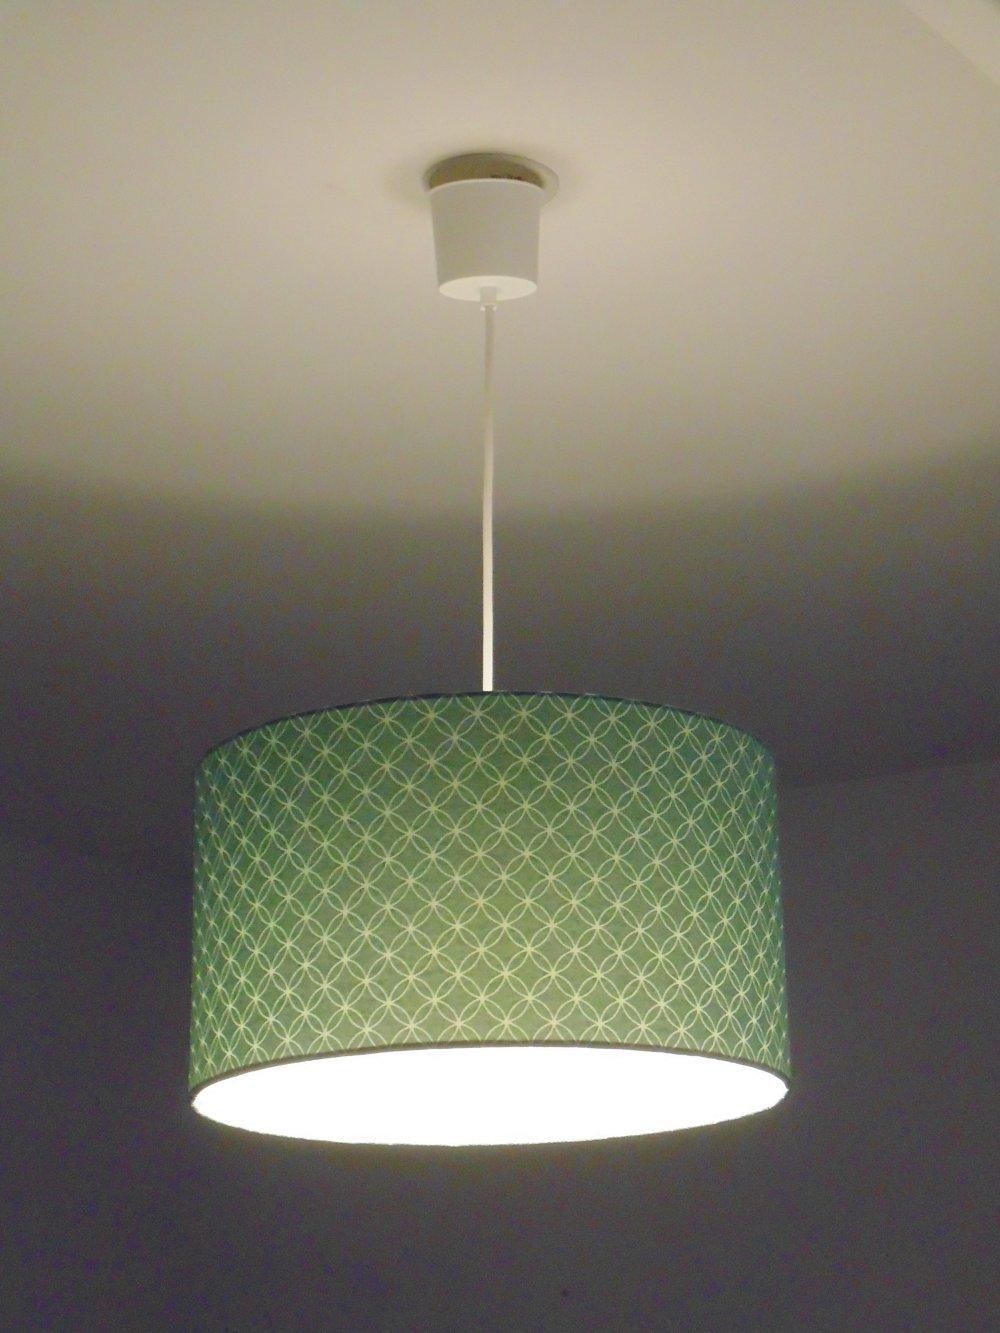 Lustre suspension plafonnier abat jour motif bleu géométrique cylindrique 35 cm  + fil électrique